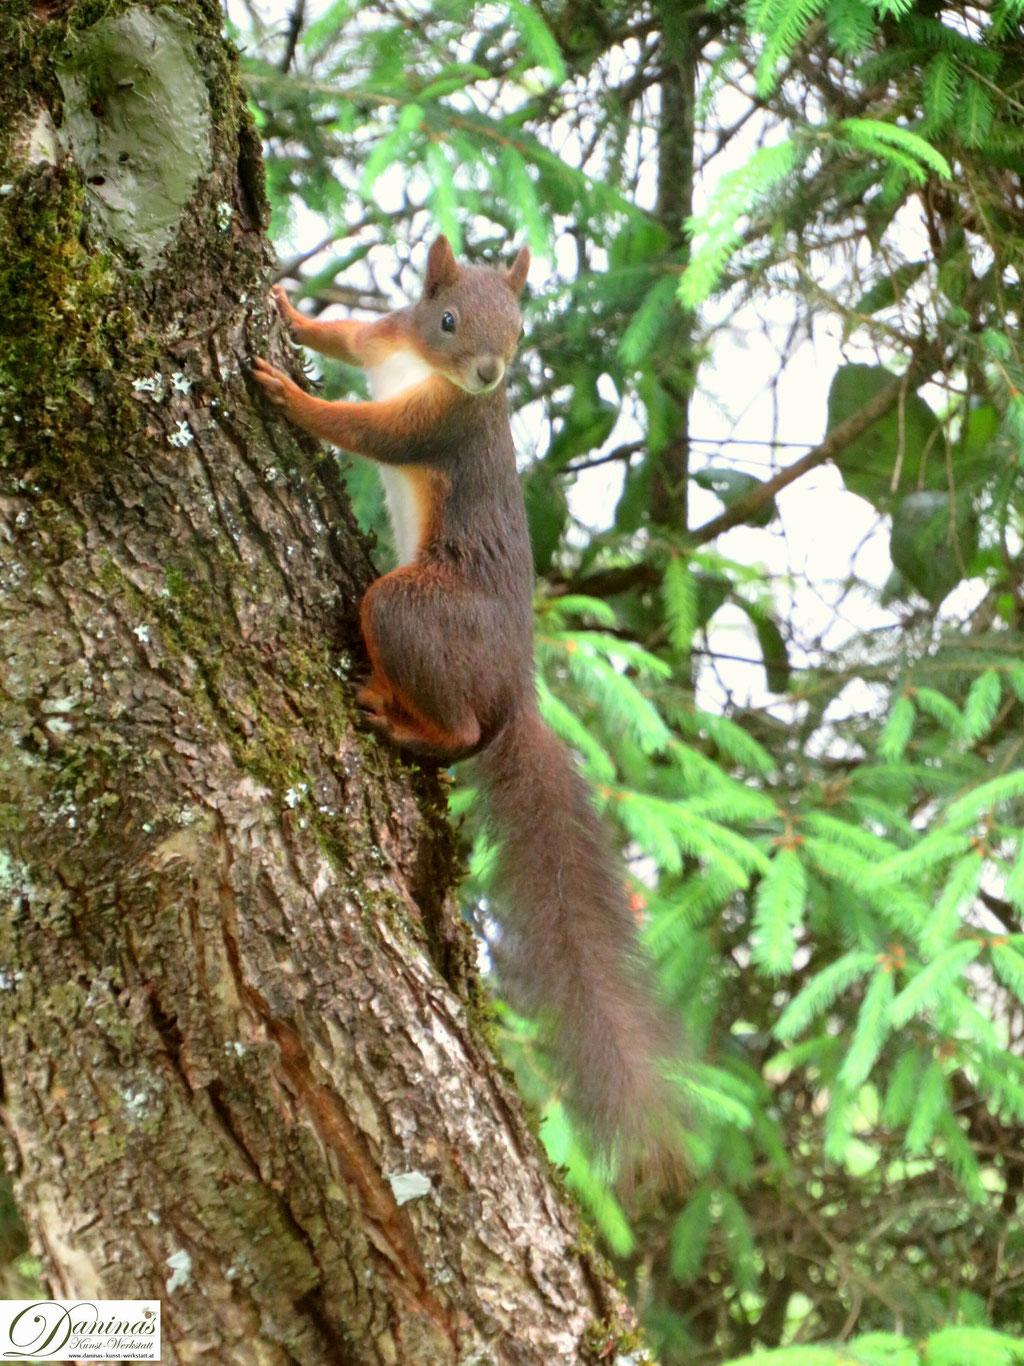 Eichhörnchen klettert blitzschnell auf den nächstgelegenen Zwetschgenbaum